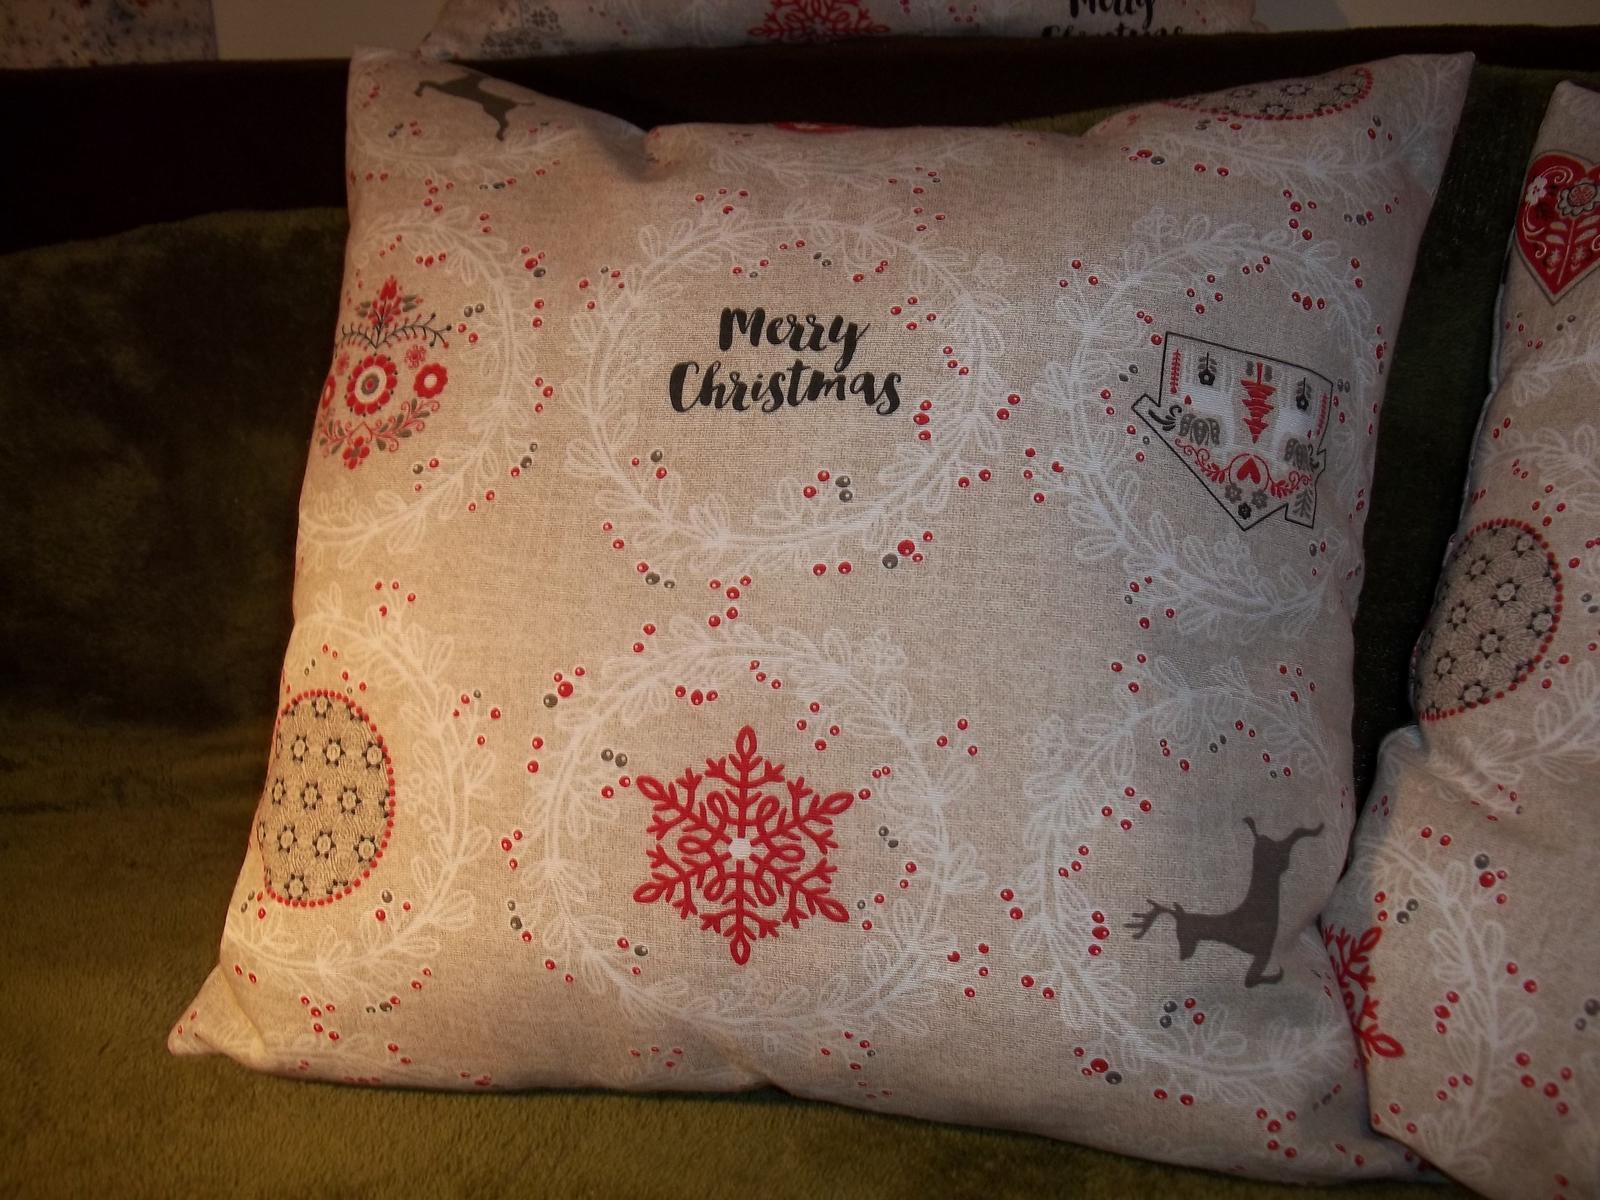 Sada 3 vianočných obliečok, v 2 veľkostiach,cena s poštou - Obrázok č. 2